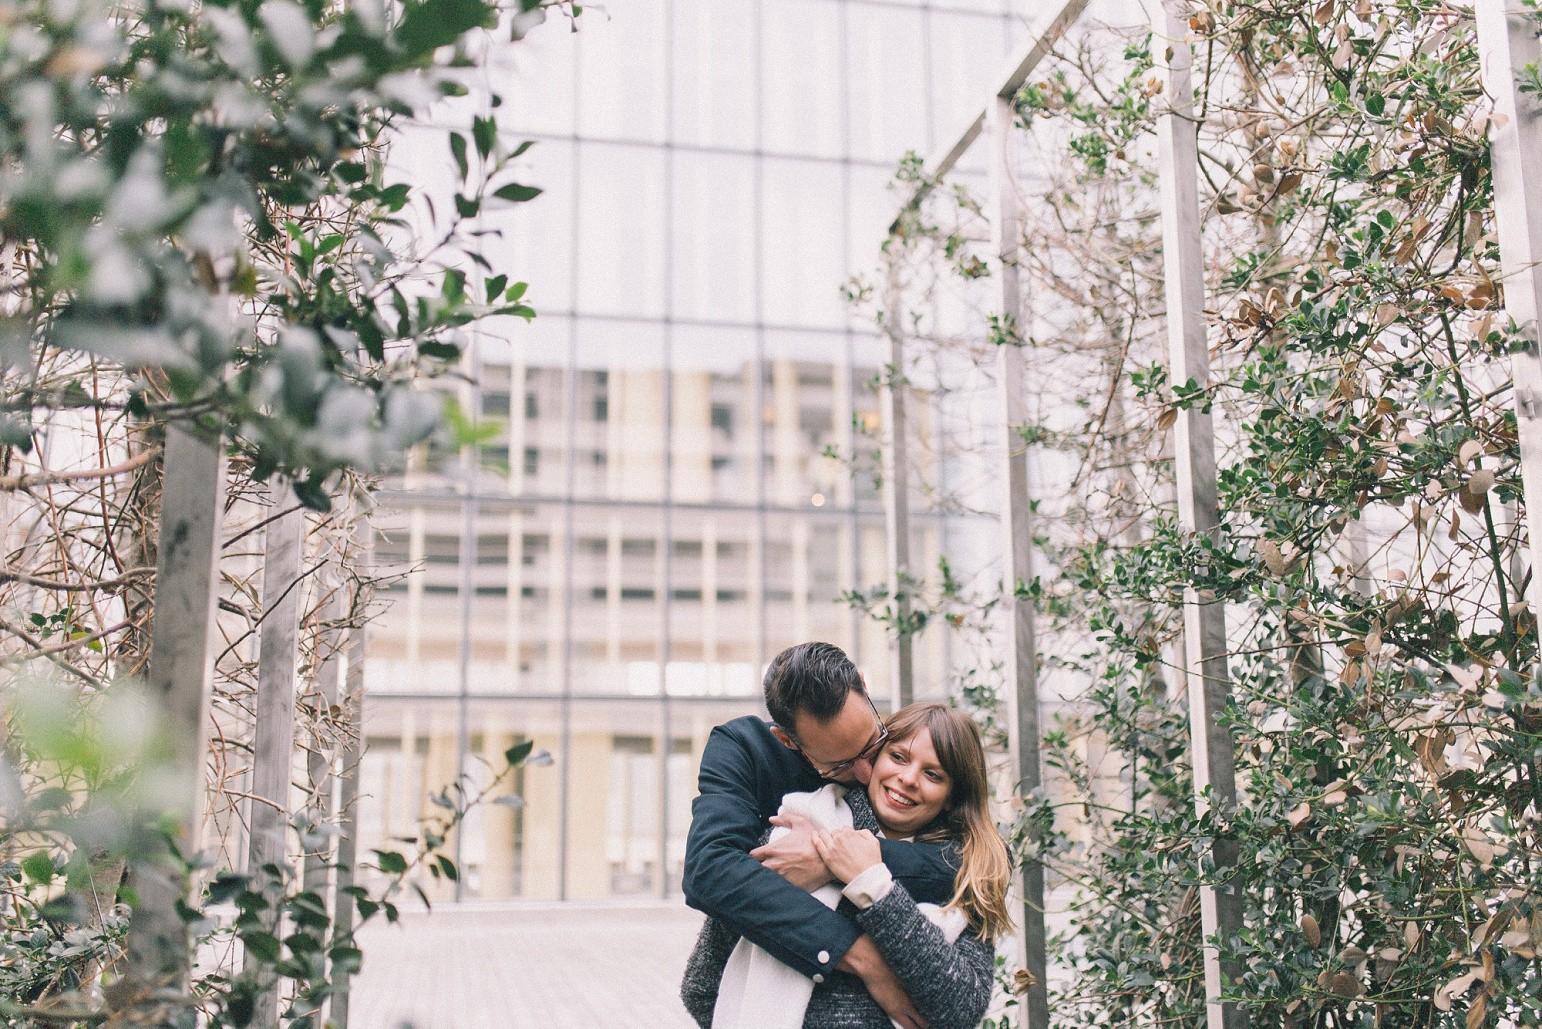 katerynaphotos-mariage-photographe-paysdelaloire-lemans-sarthe-sud_0558.jpg